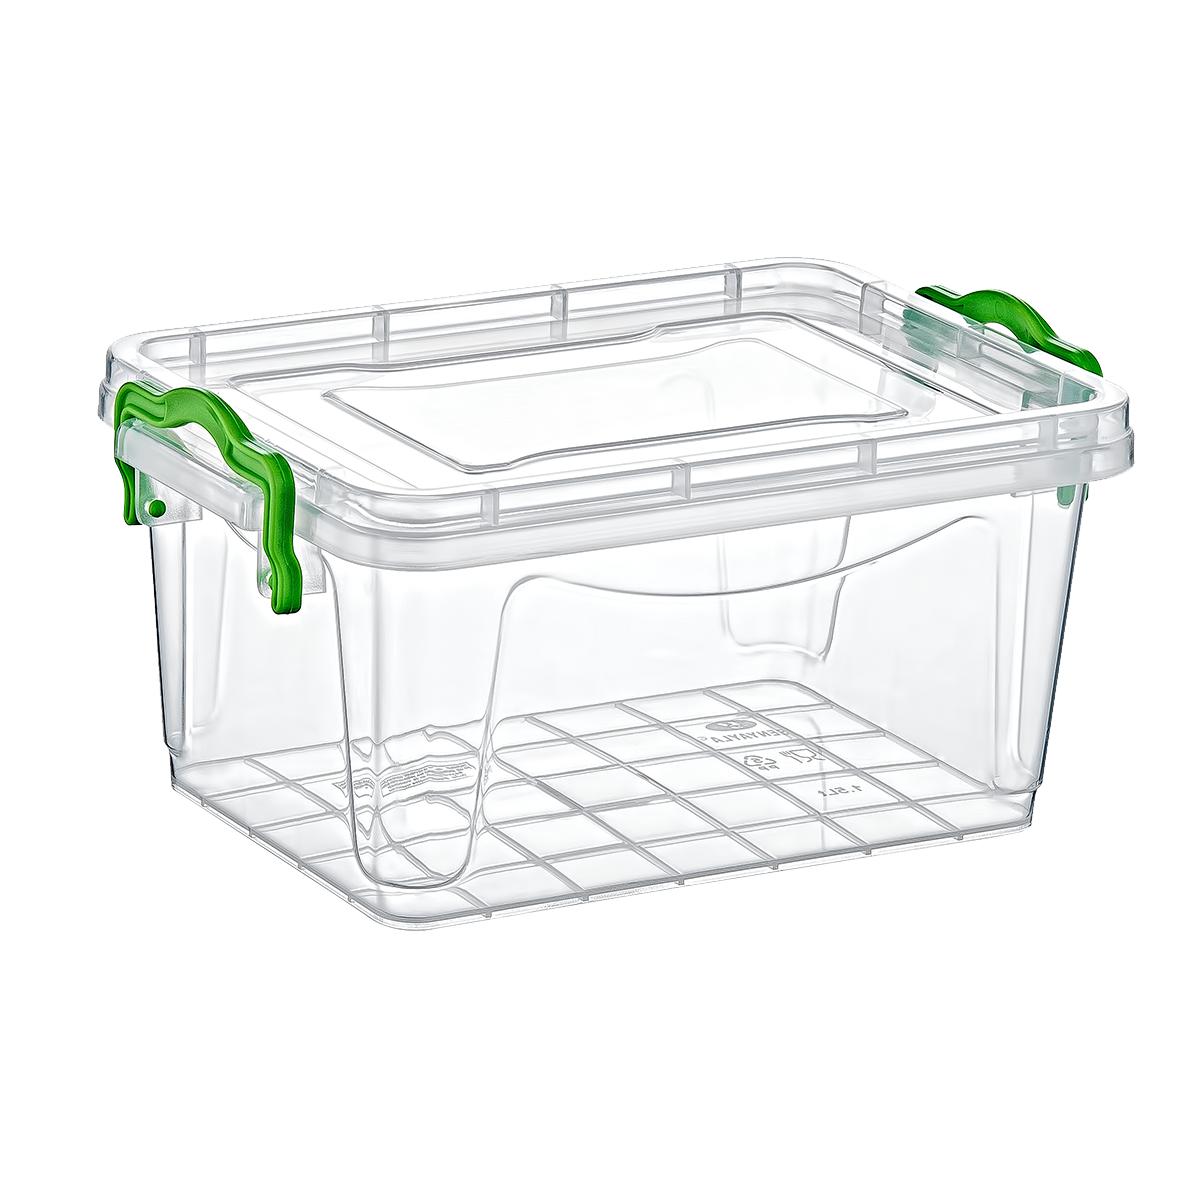 Axess Industries Boîte de rangement transparente   Haut. ext. 100 mm